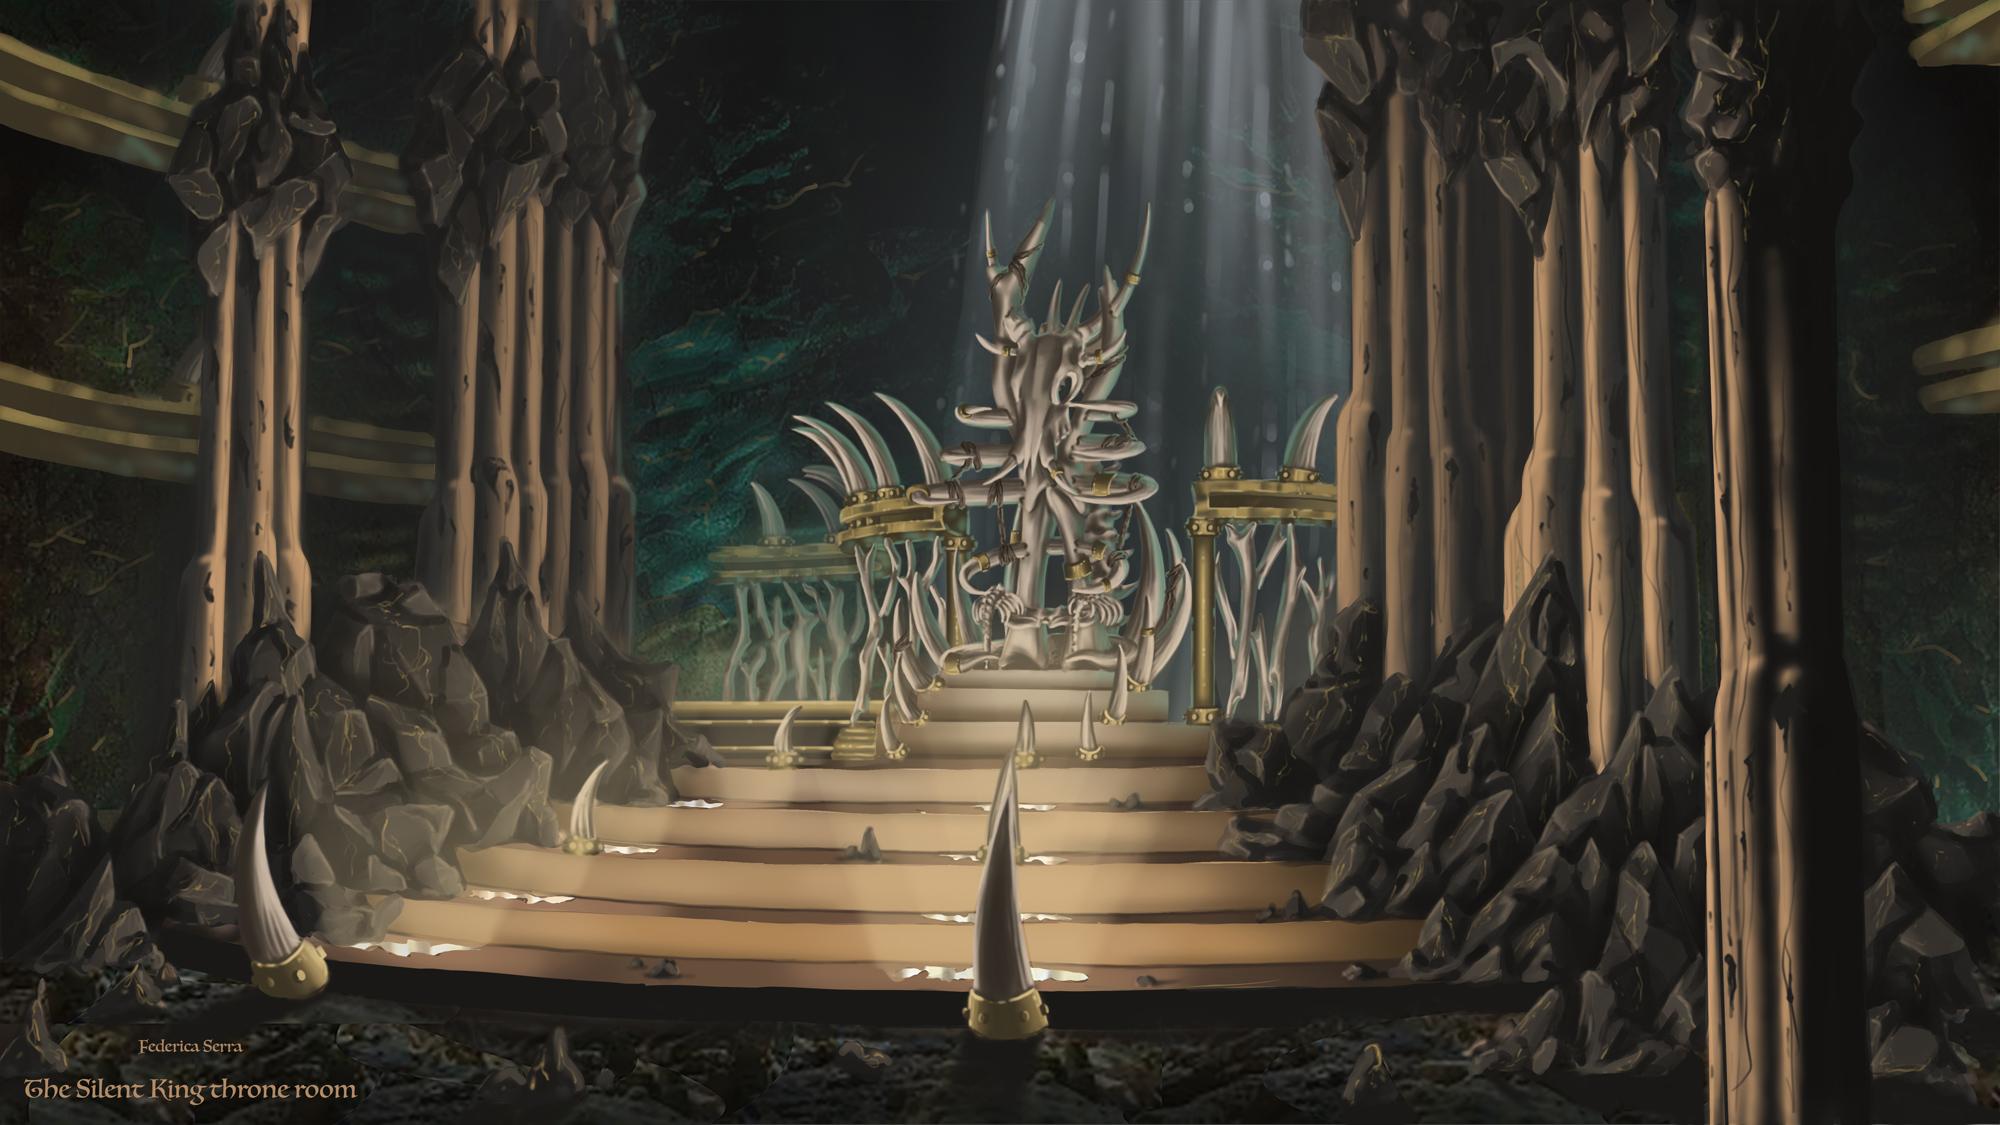 {$tags} Concept ambiente, Silent King's Throne Room - by Federica Serra Planescape Torment Redesign Project (2020) © Scuola Internazionale di Comics Torino e dell'autore, tutti i diritti riservati